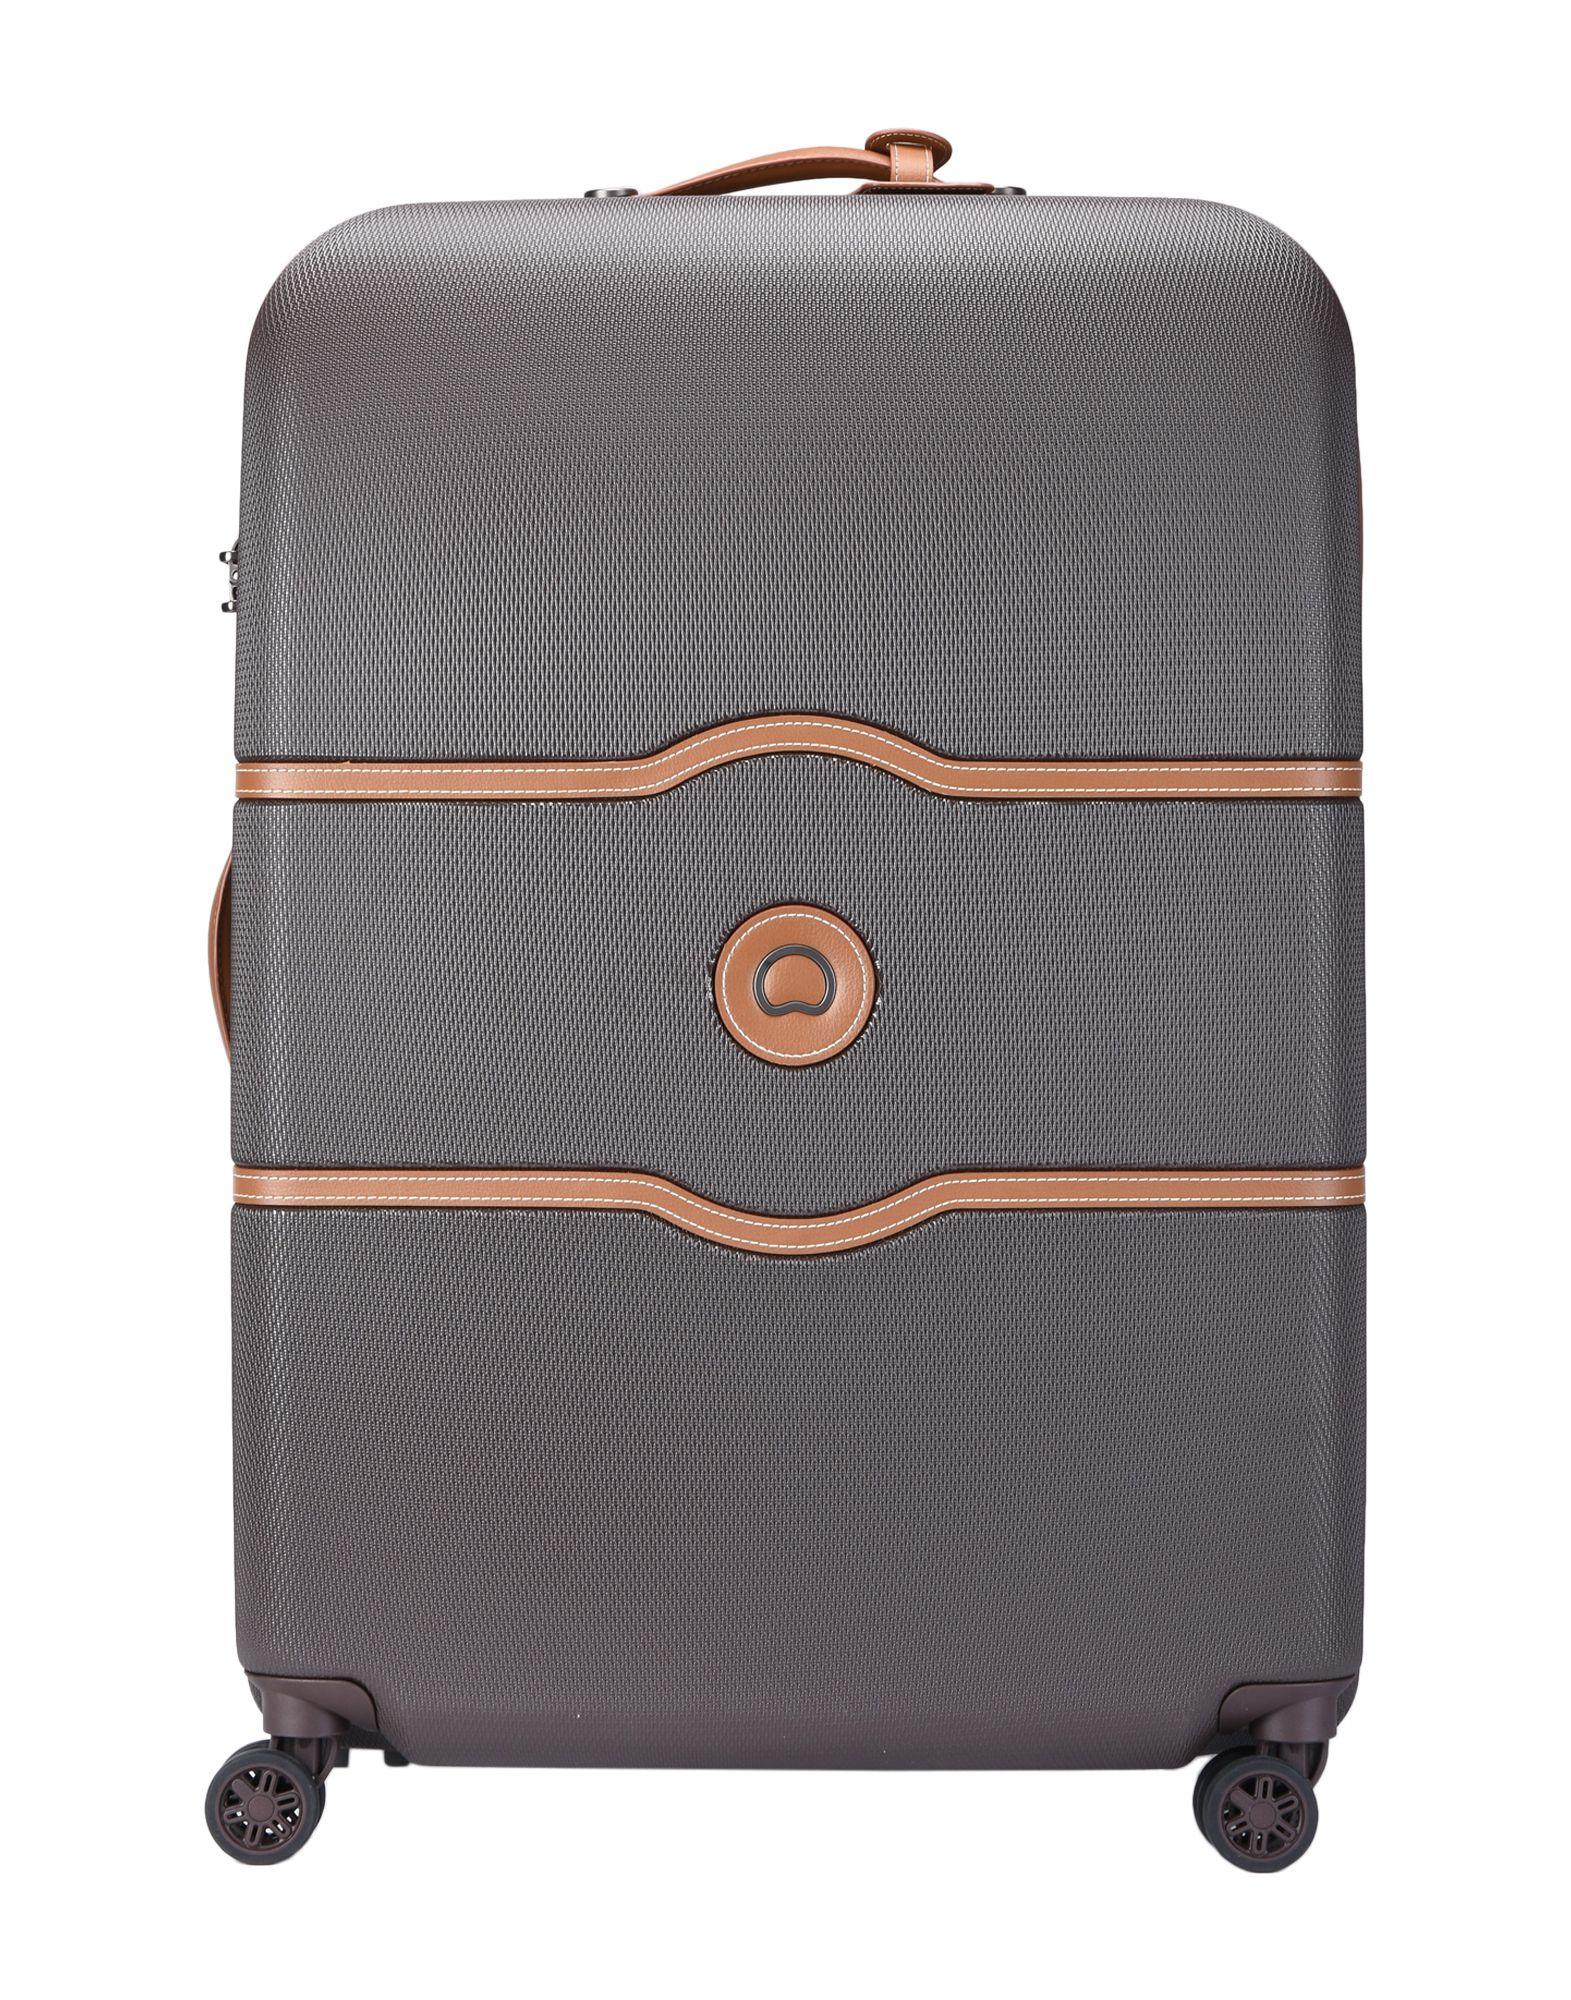 《期間限定セール中》DELSEY Unisex キャスター付きバッグ ココア ポリカーボネート 100% CHATELET AIR